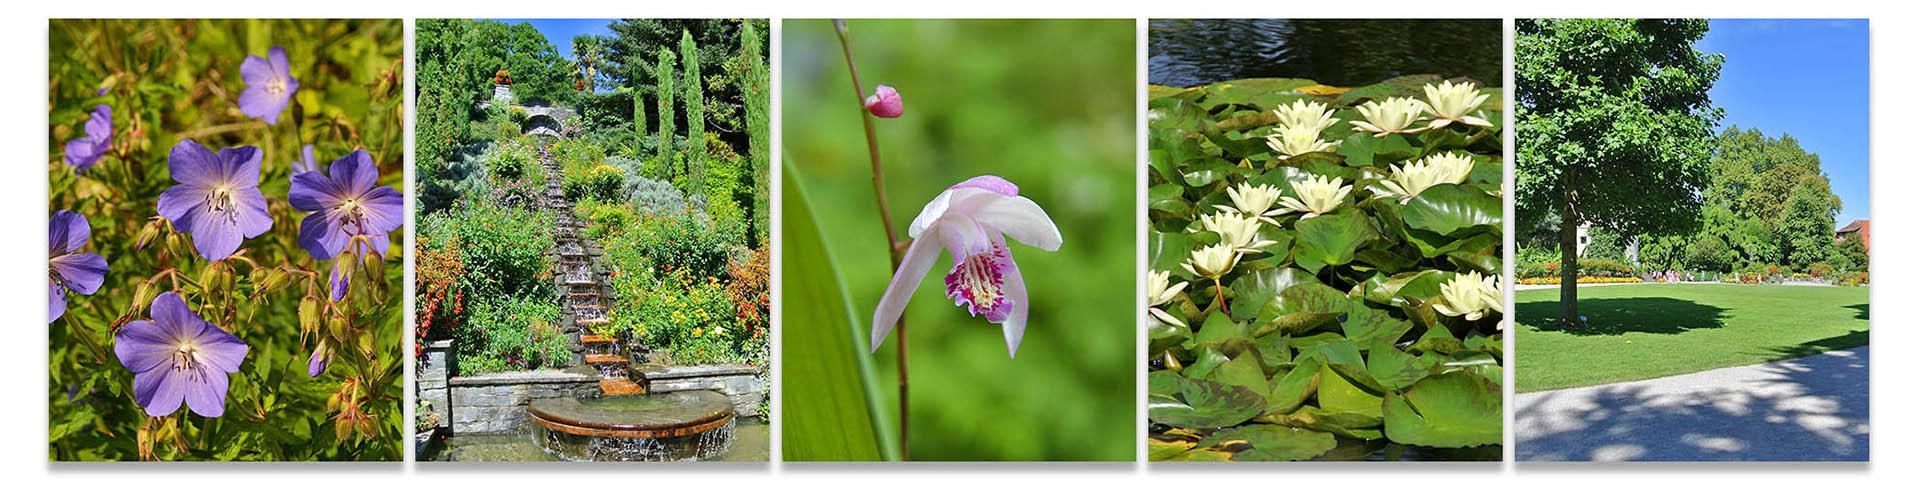 gartenblog.merz-im-web.de – Tipps und Tricks für die Gartenpflege